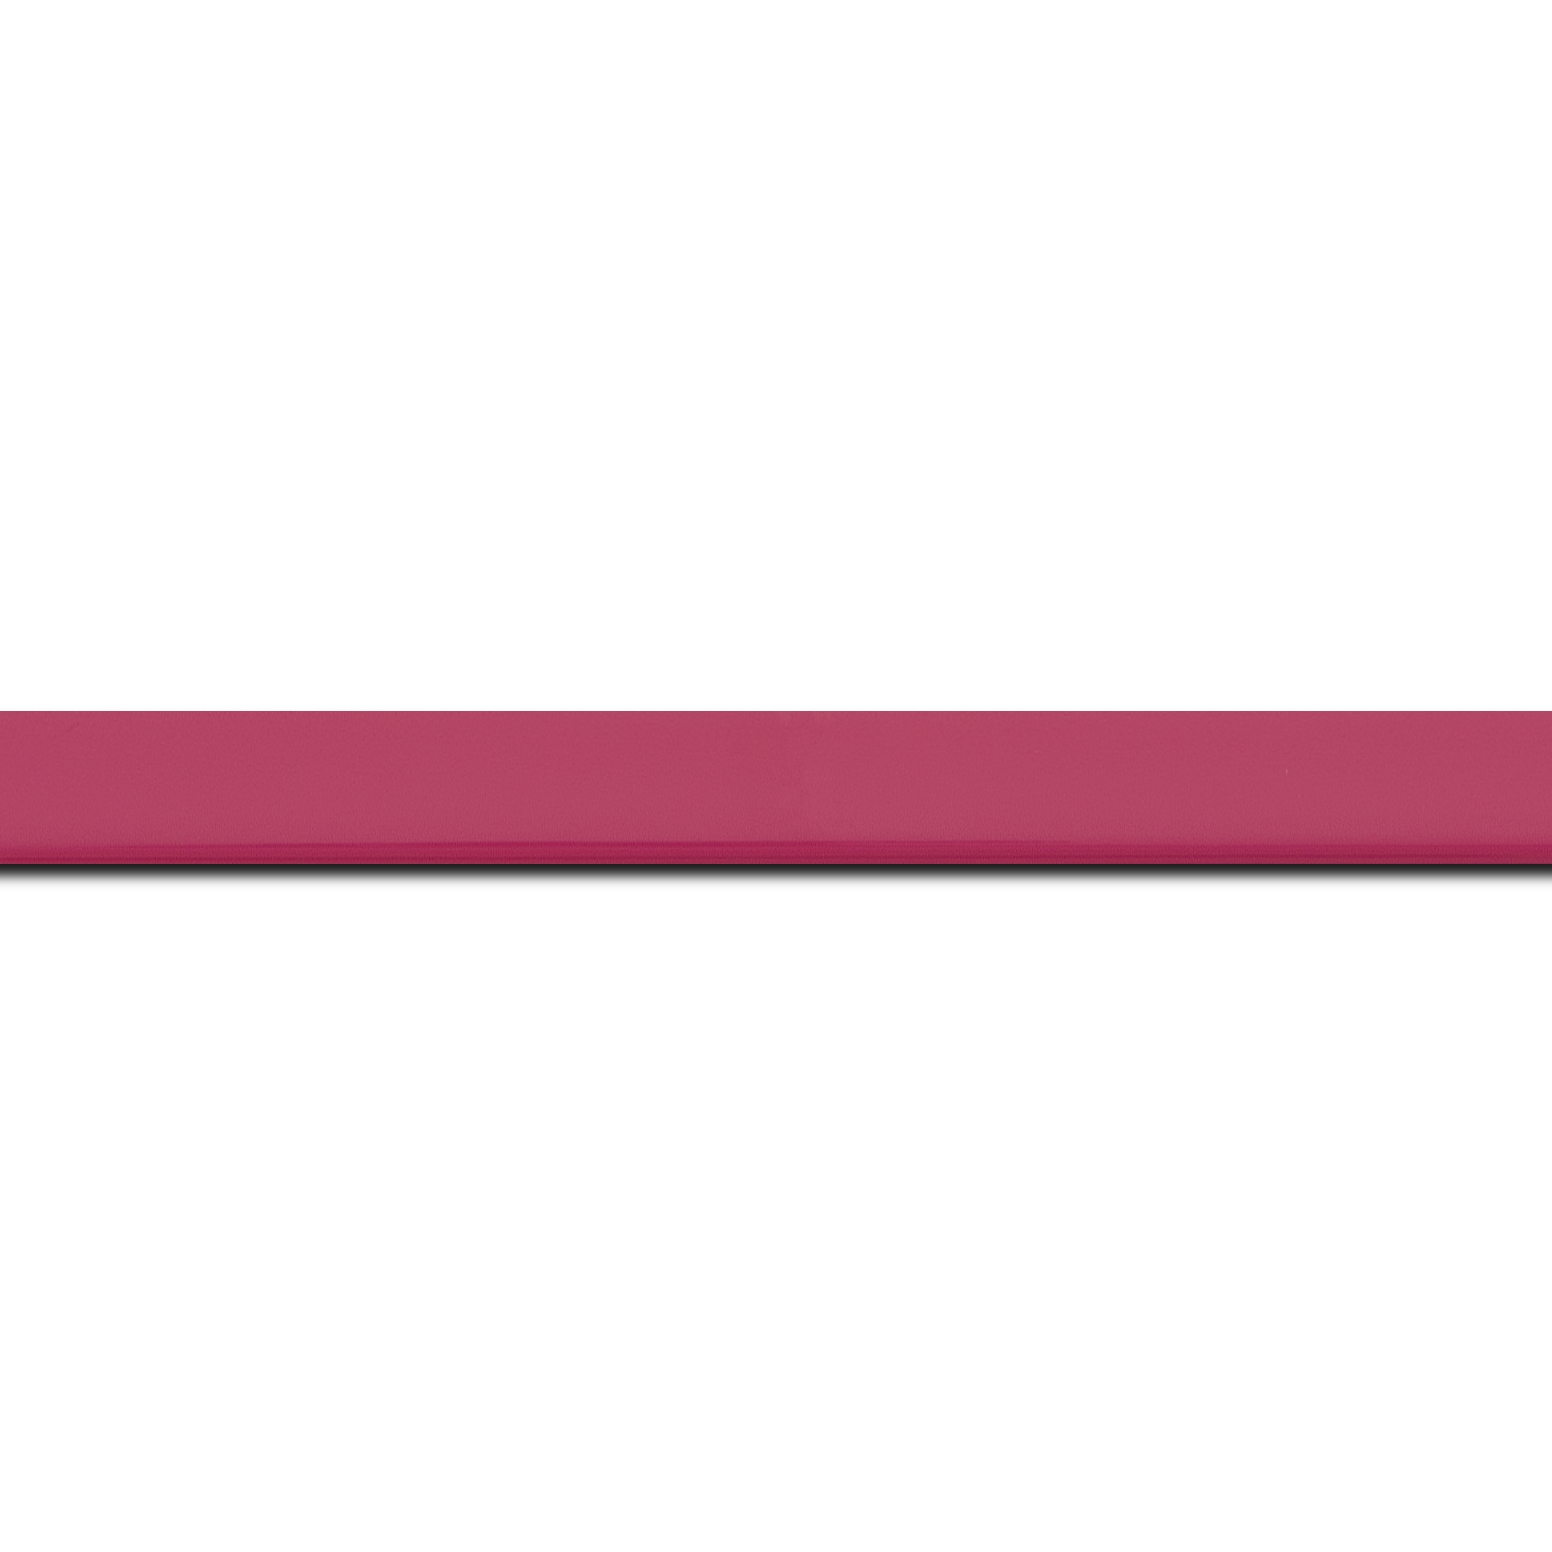 Pack par 12m, bois profil méplat largeur 1.4cm couleur rose tonique laqué (longueur baguette pouvant varier entre 2.40m et 3m selon arrivage des bois)